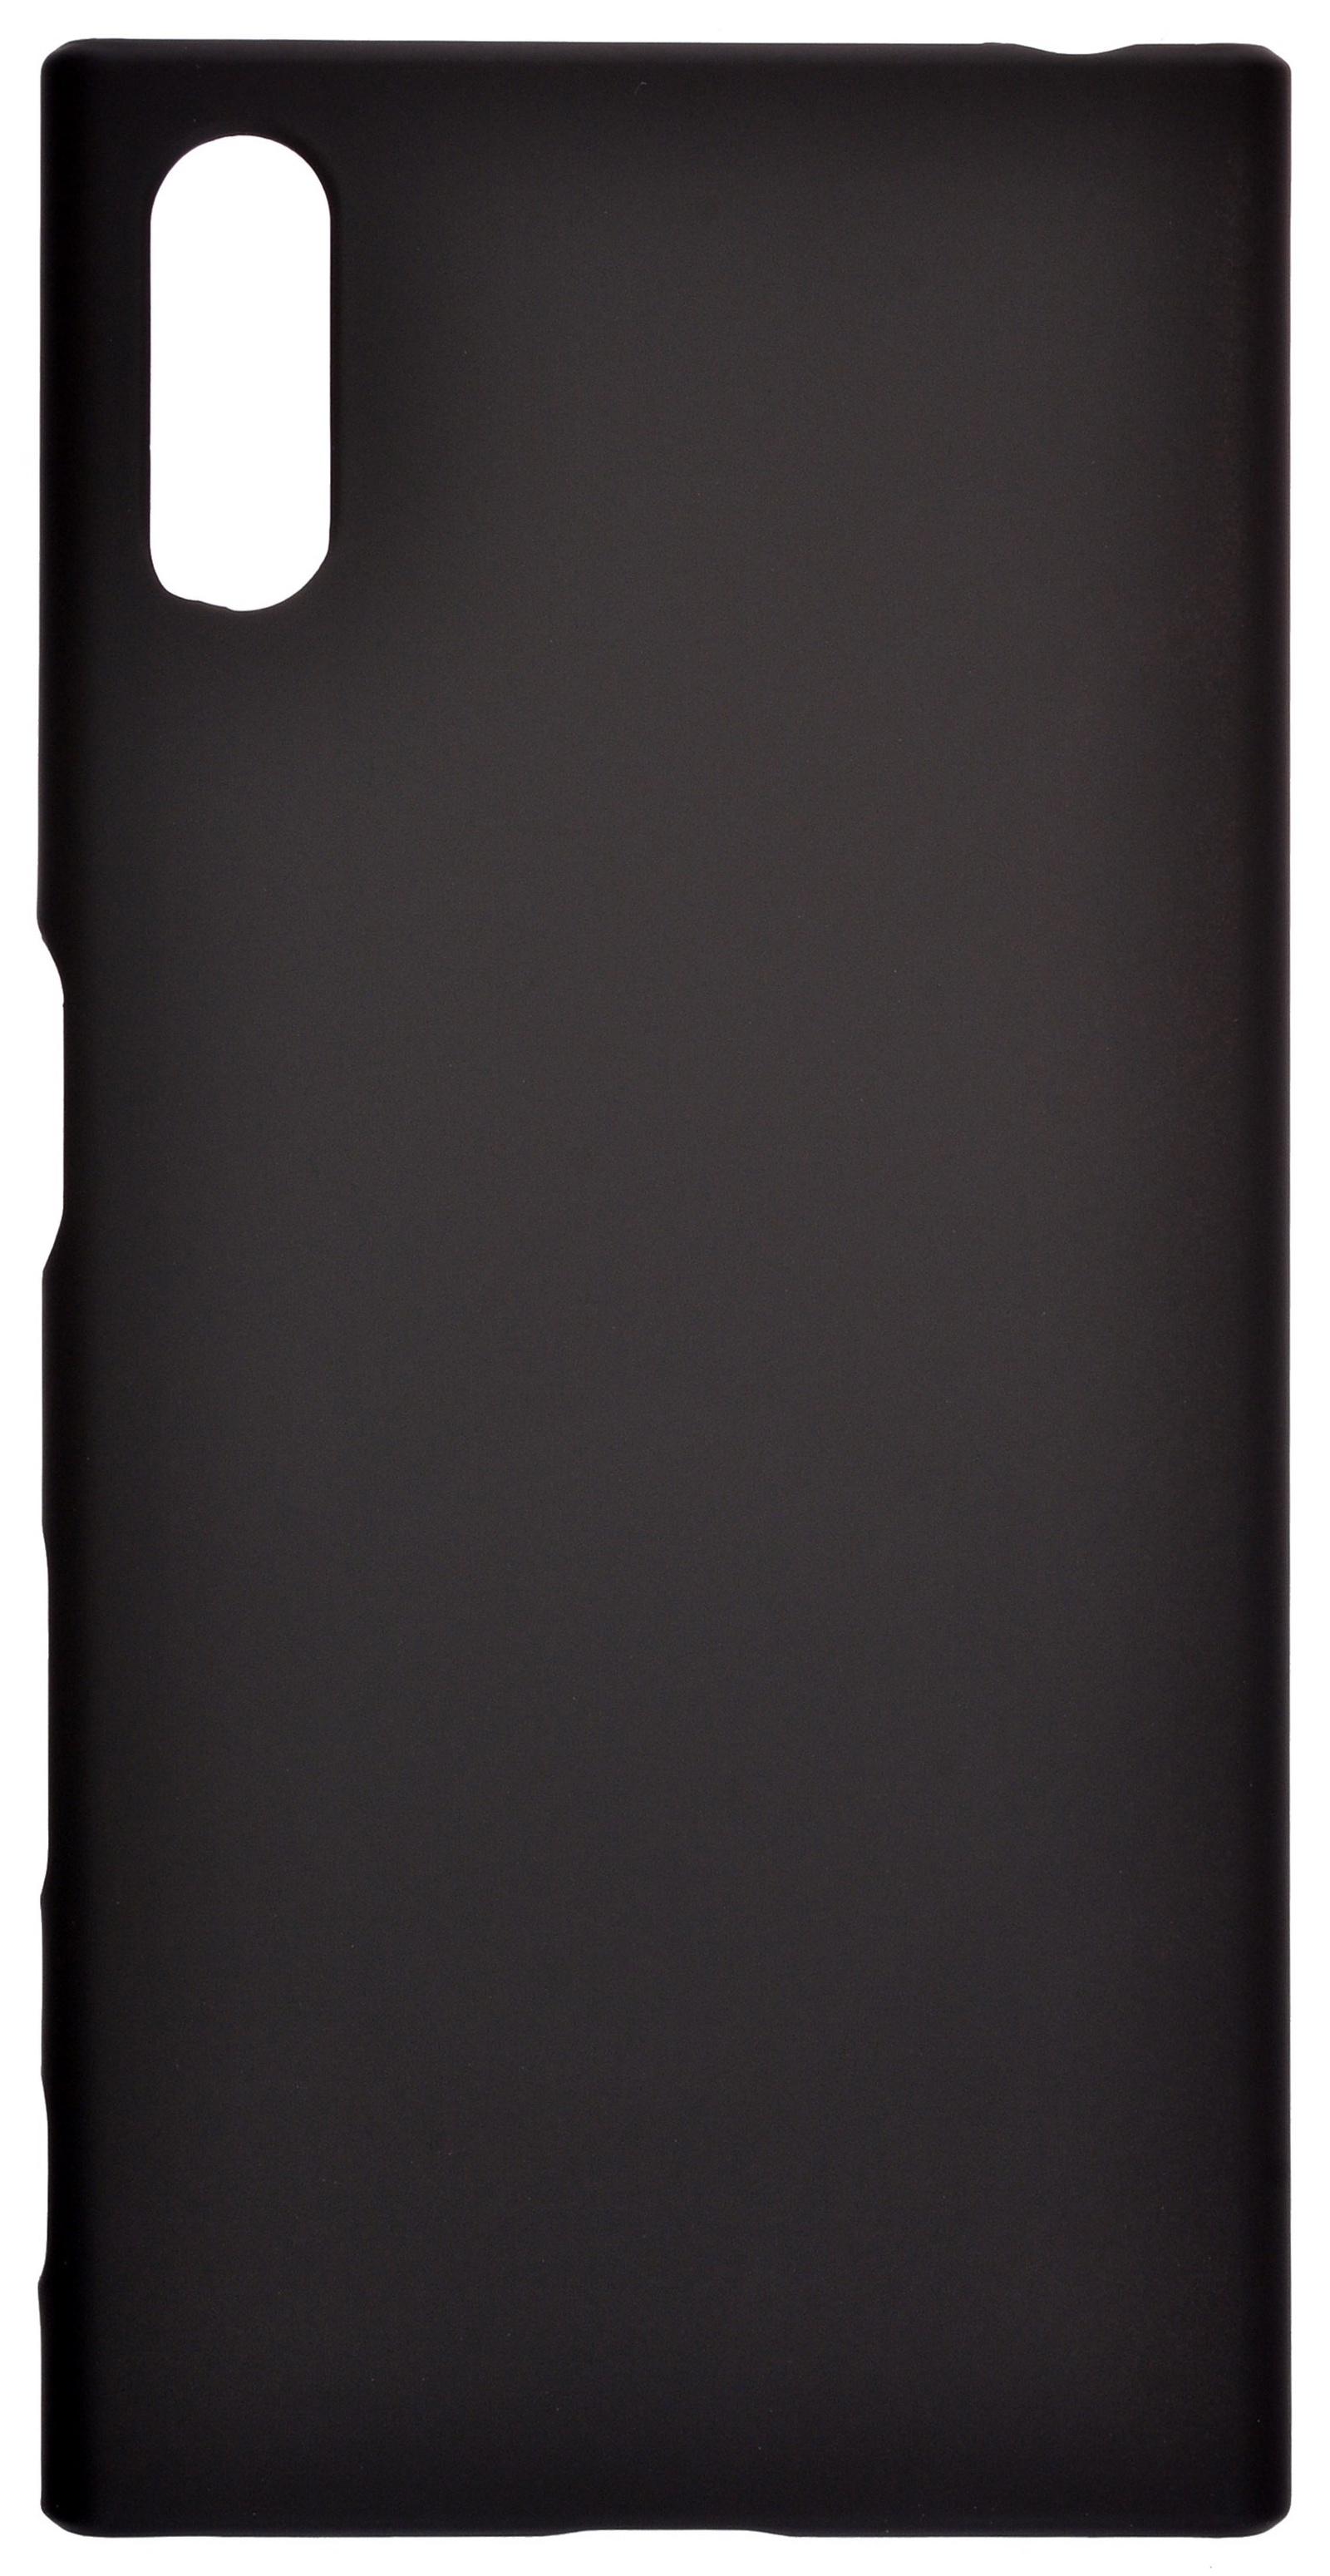 Чехол для сотового телефона skinBOX 4People, 4630042528987, черный стоимость